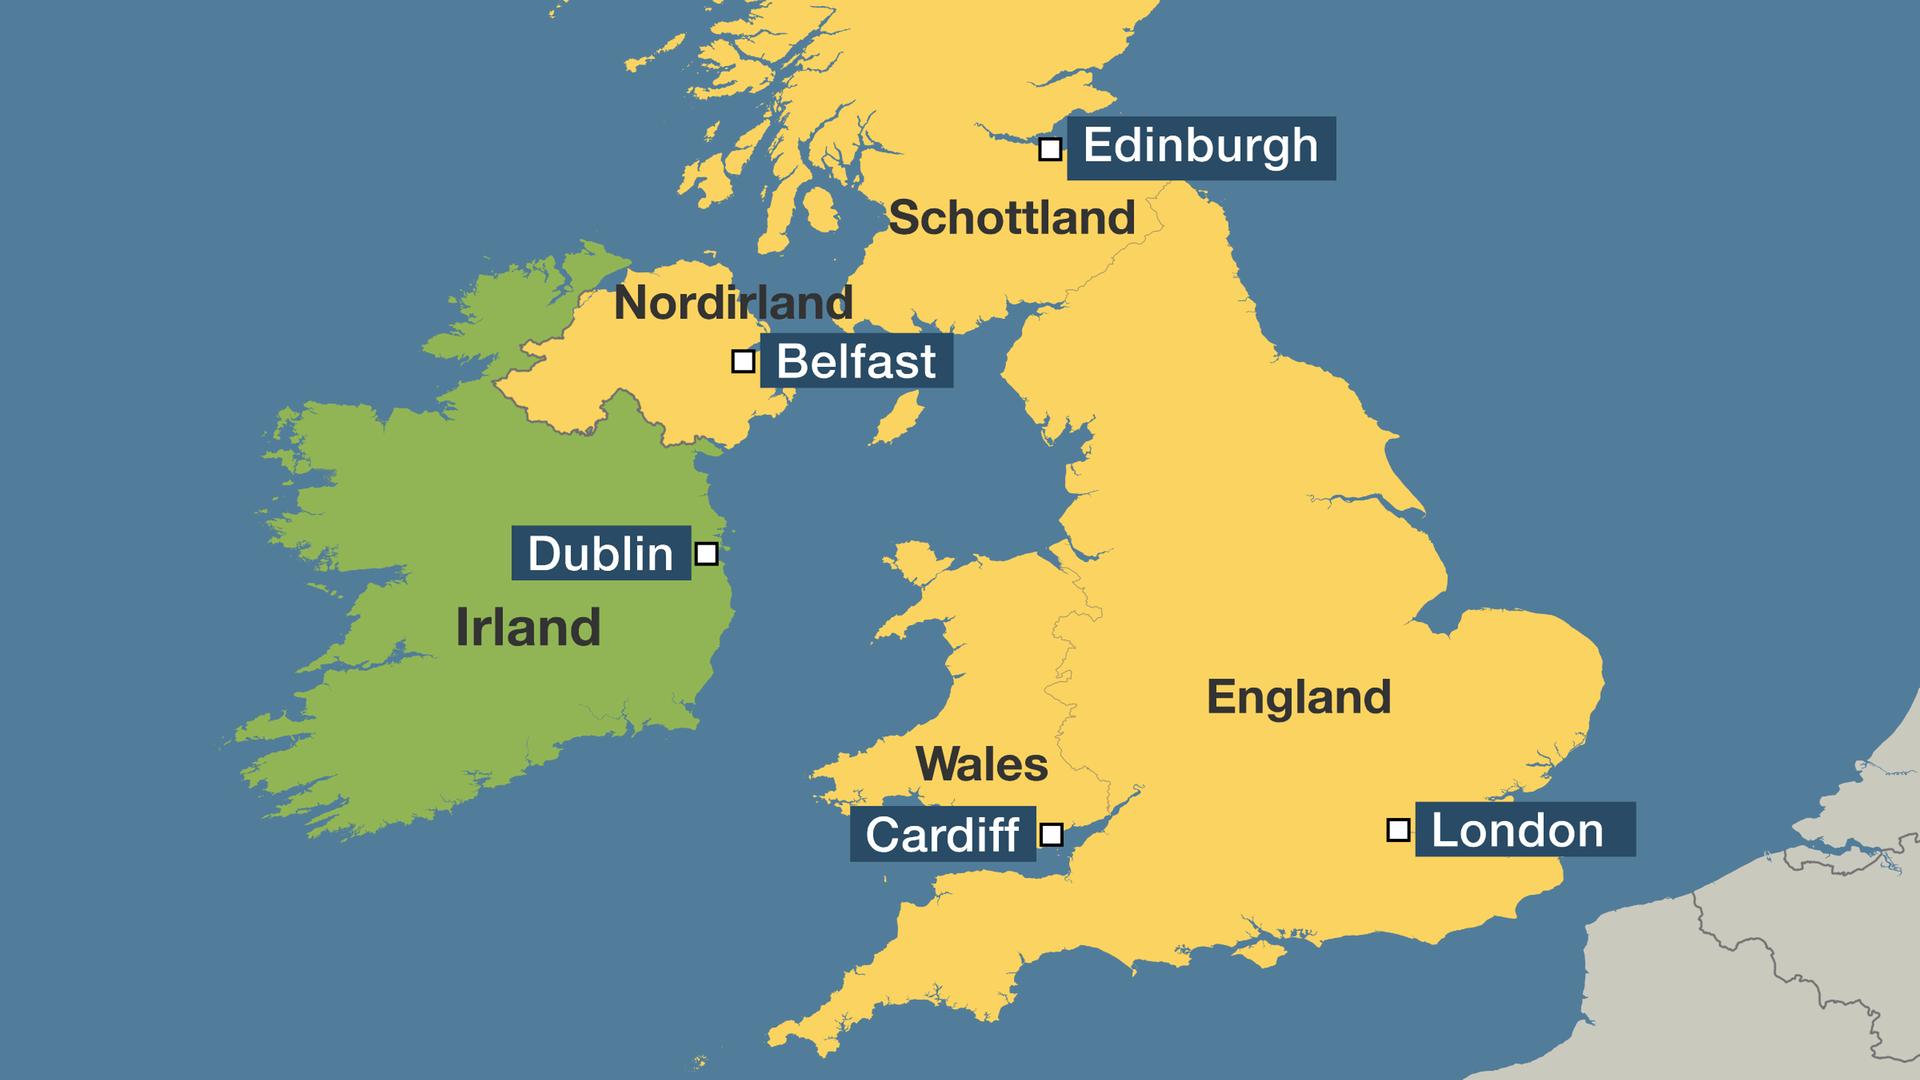 Großbritannien Karte Umriss.Fragen Und Antworten Zum Kompromiss Was Der Brexit Durchbruch